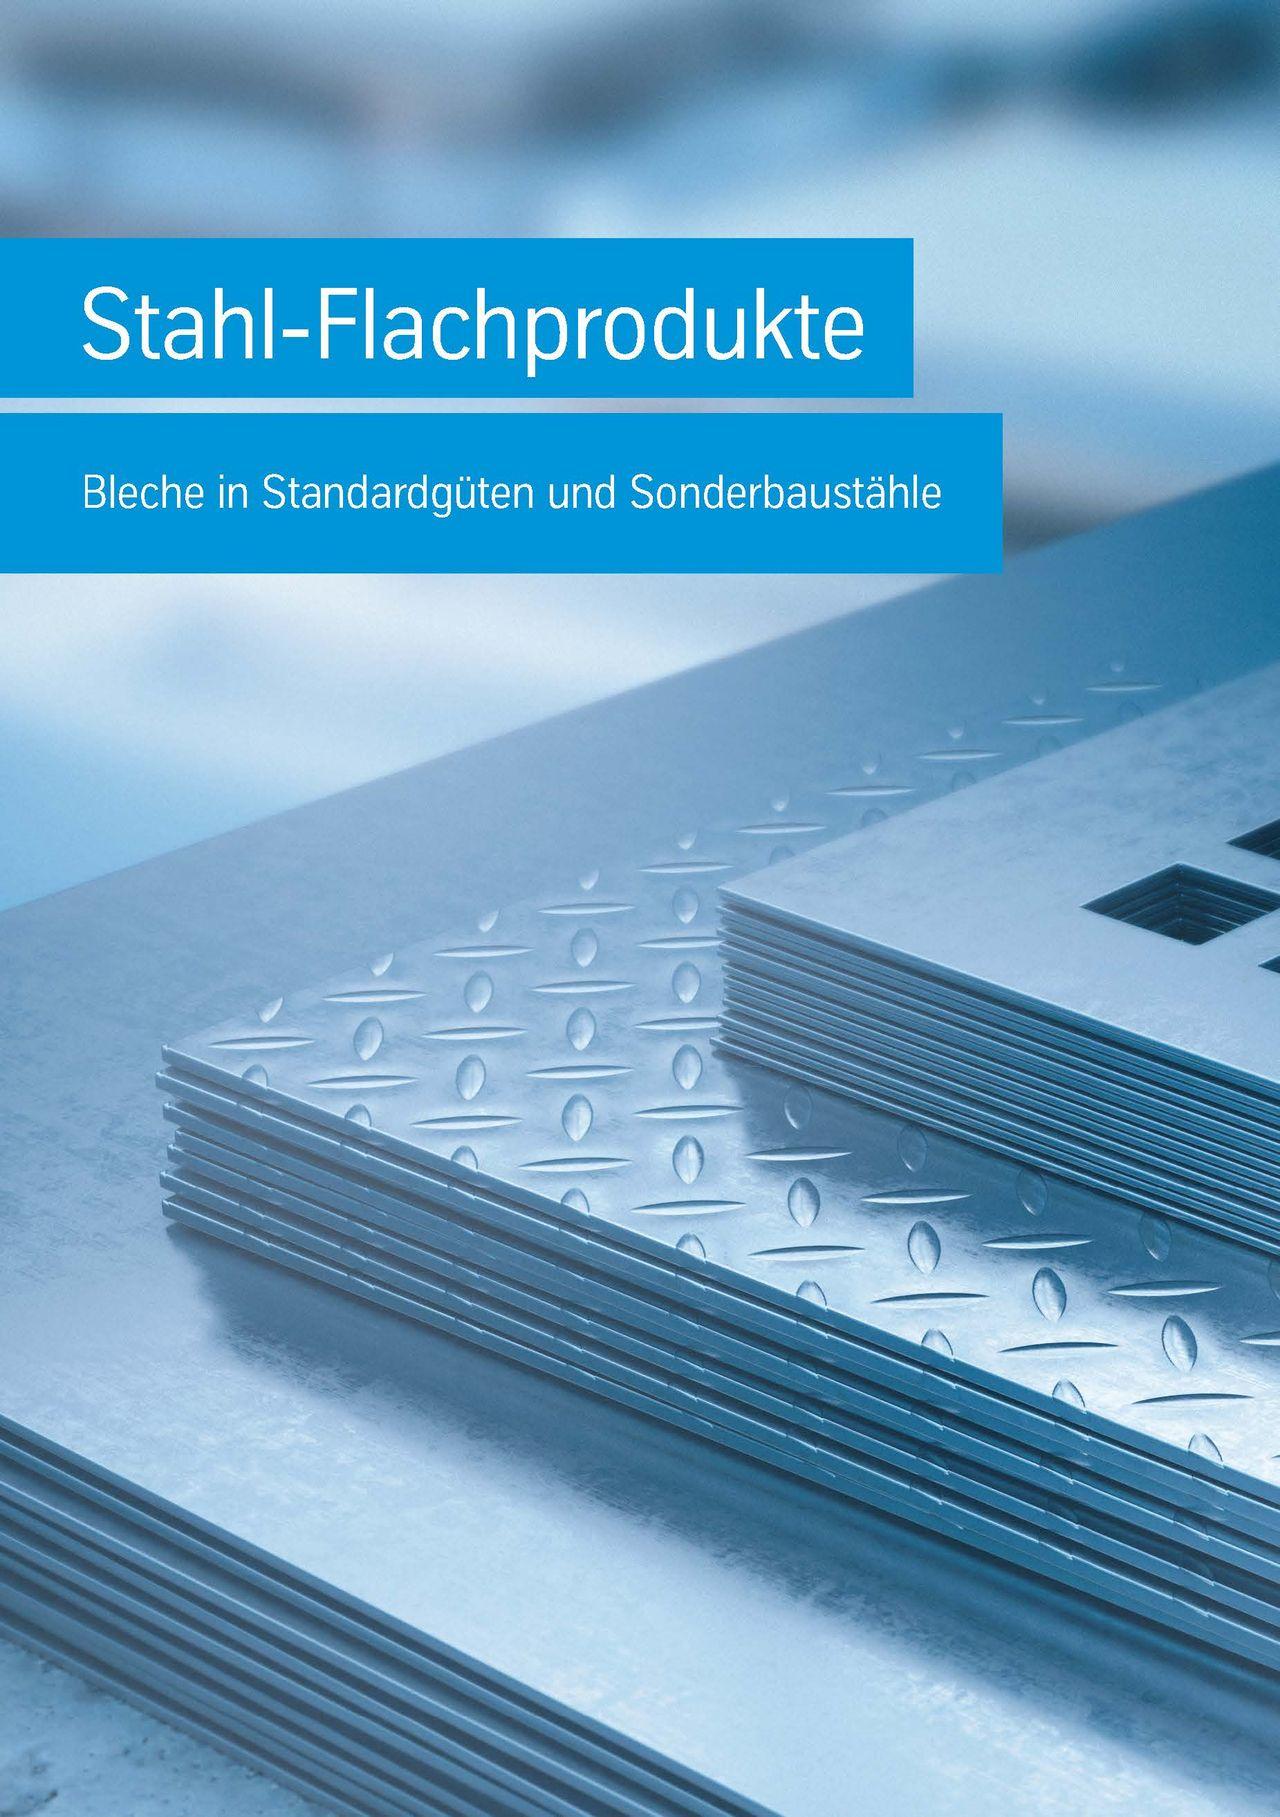 Werkstoffhandbuch Flachprodukte